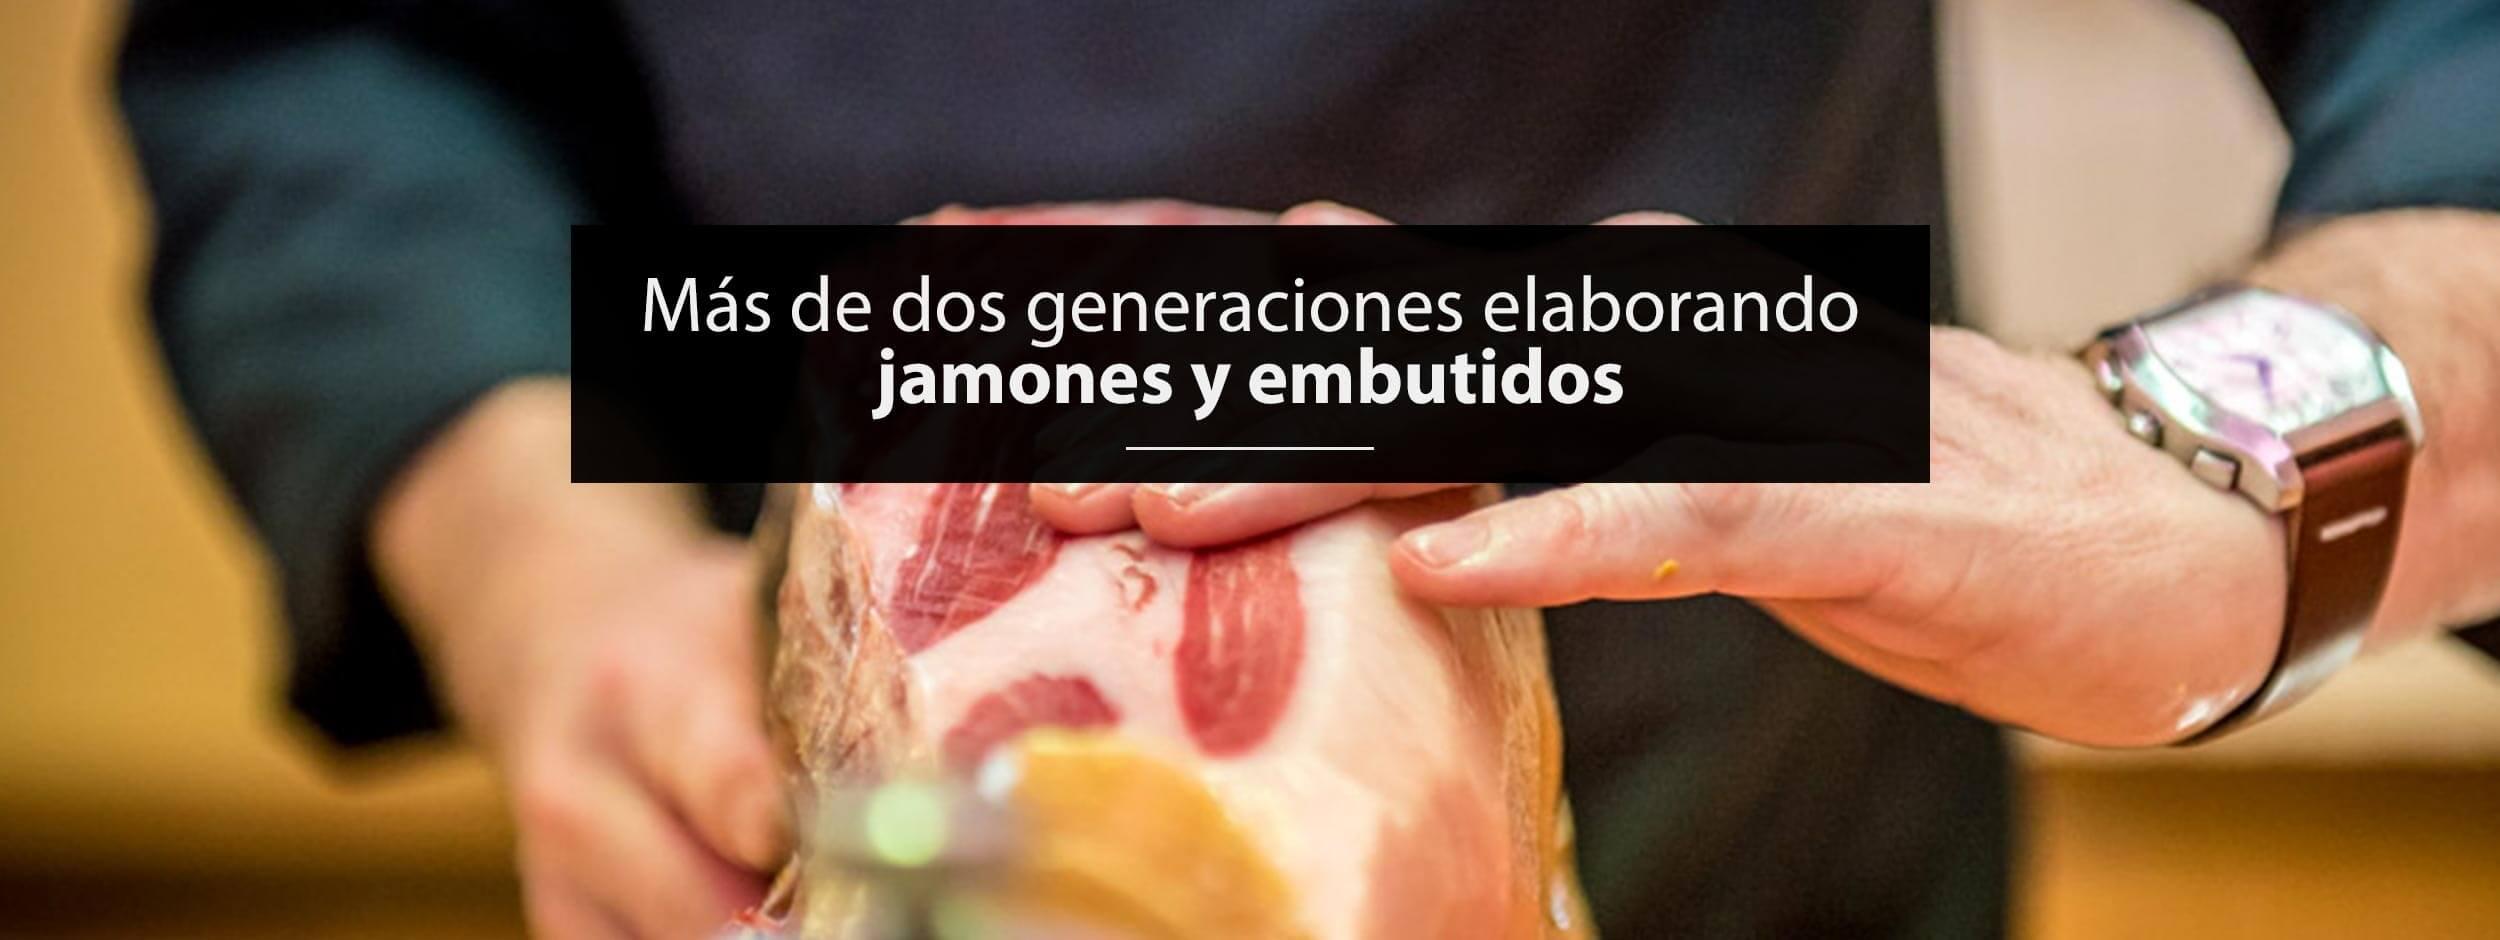 sanchez-alcaraz Tienda online de jamones y embutidos